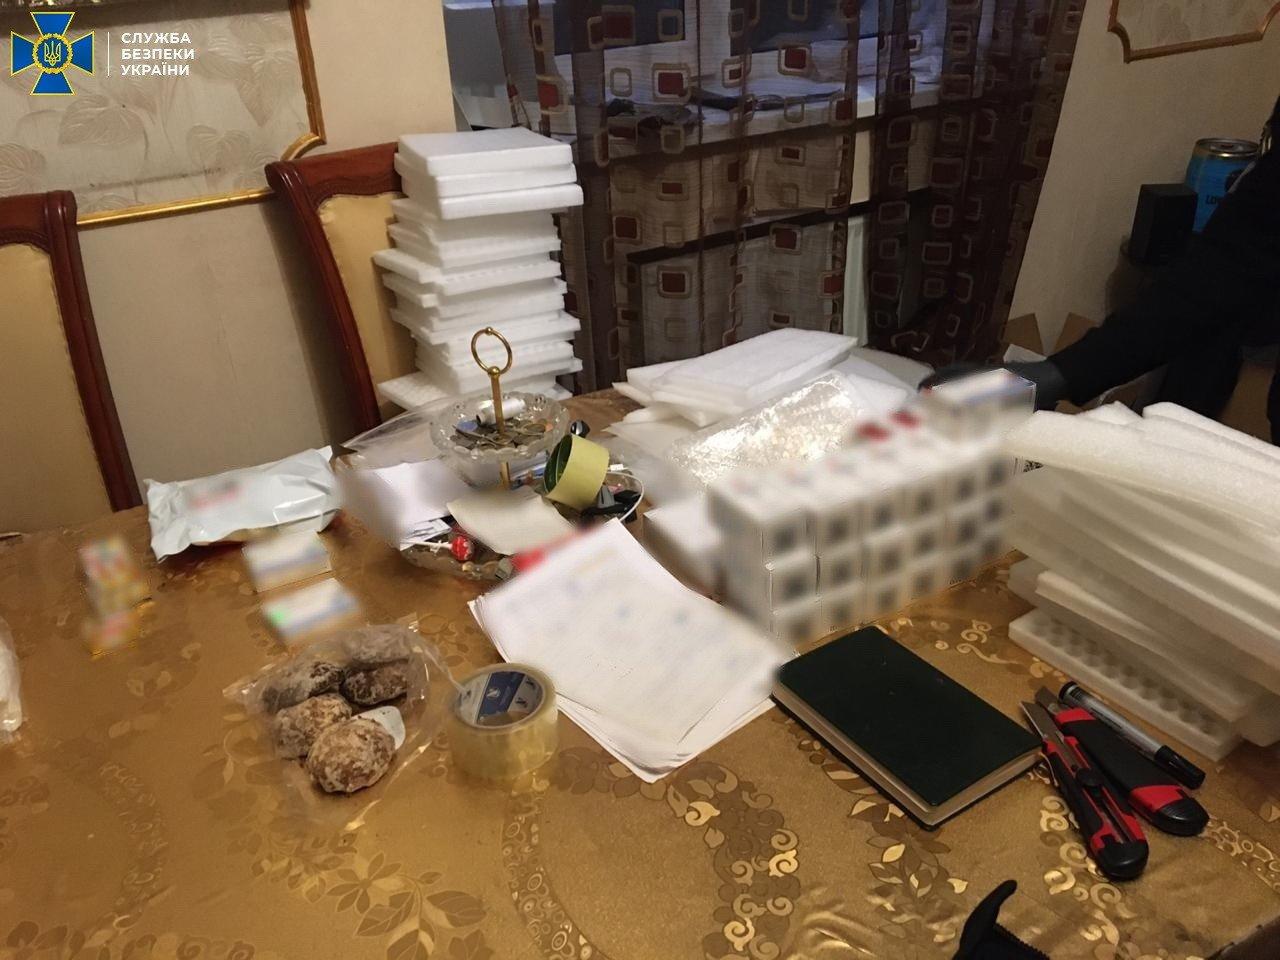 В Броварах викрили підпільну лабораторію з виготовлення анаболіків, фото-1